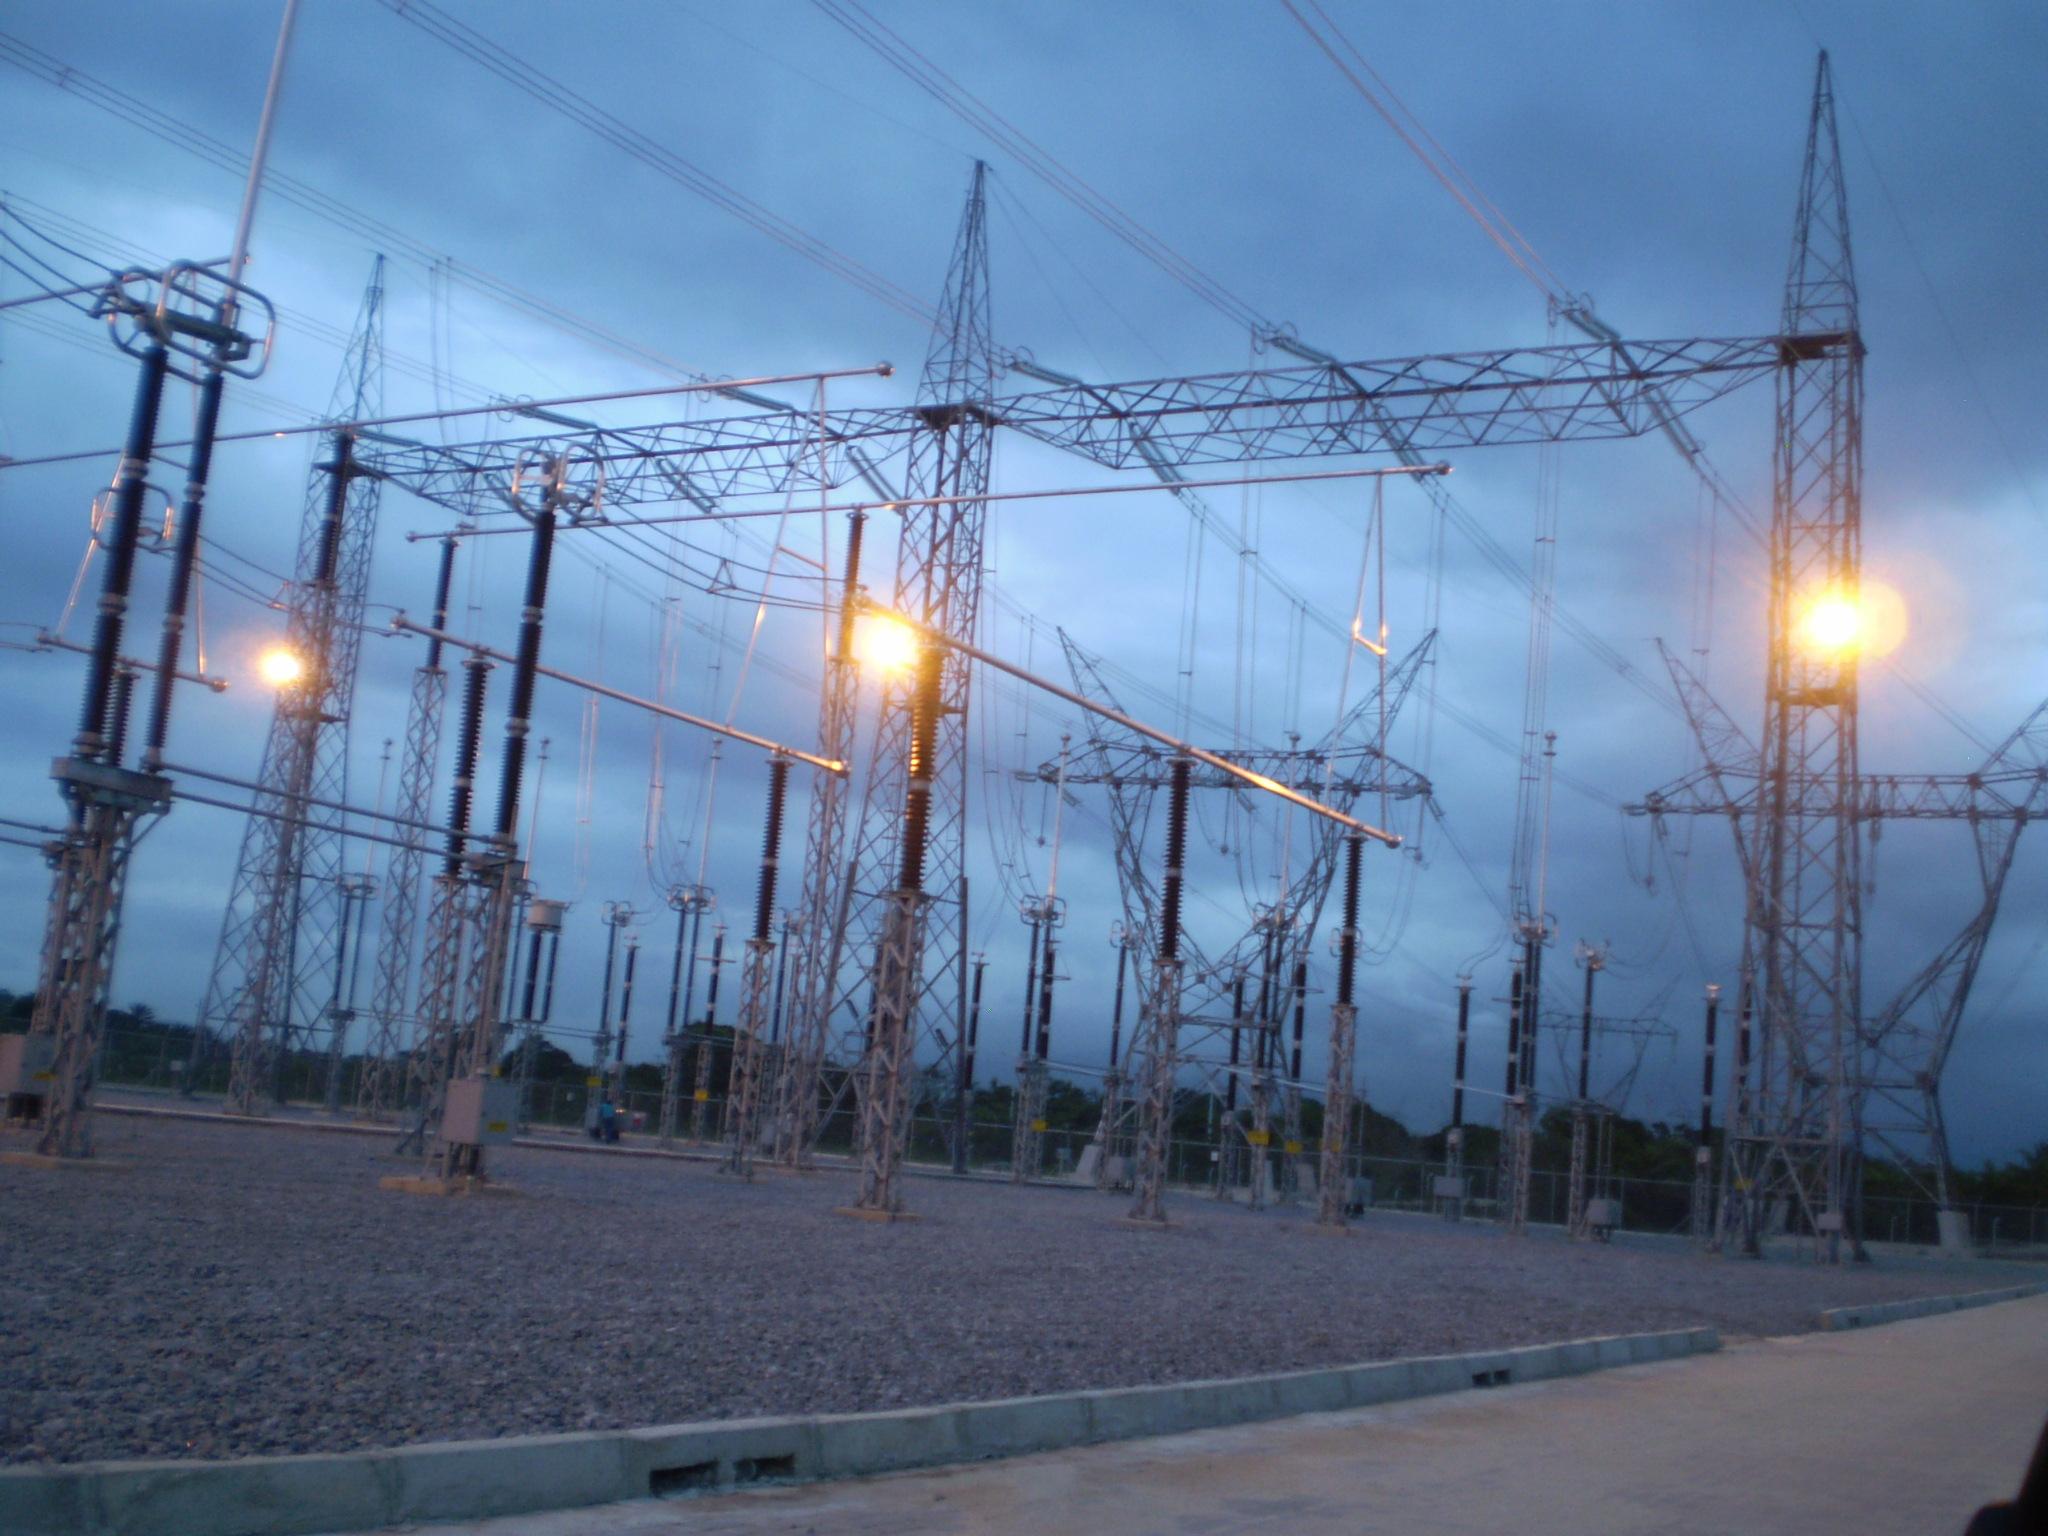 SE Zona Oeste 500 kV